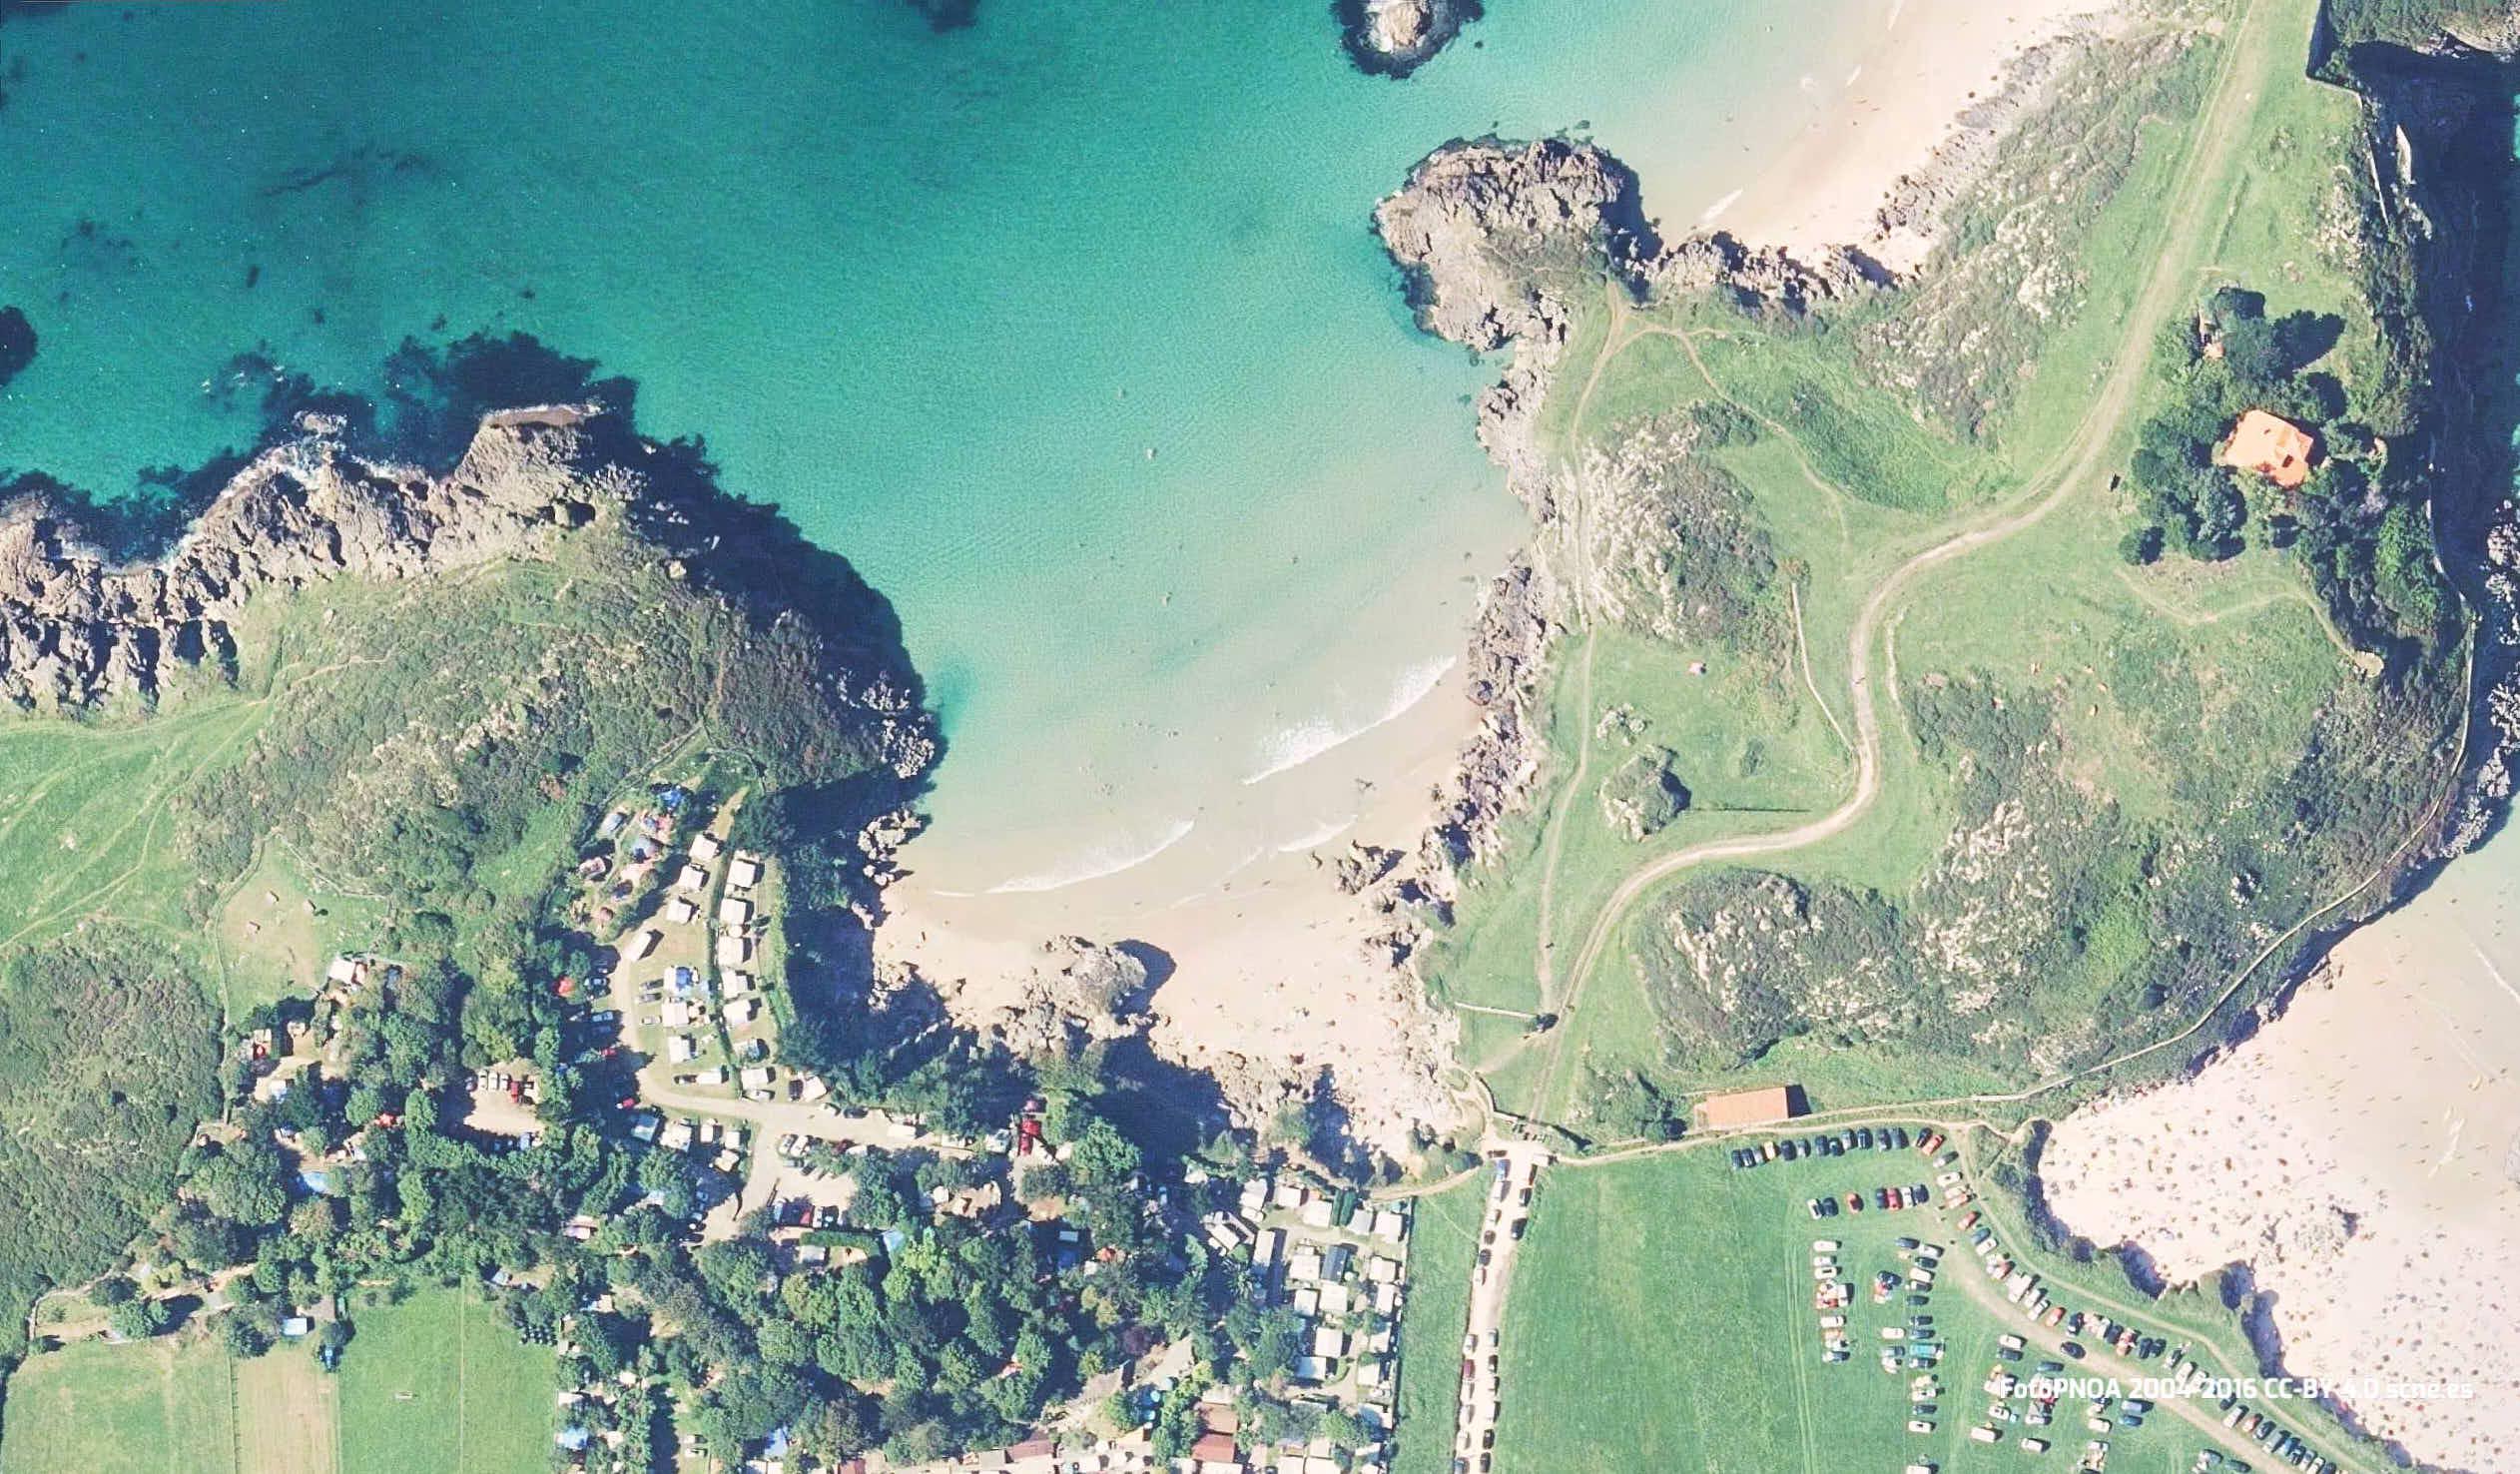 Vista aérea de la Playa de Troenzo en Celorio, Llanes, Asturias